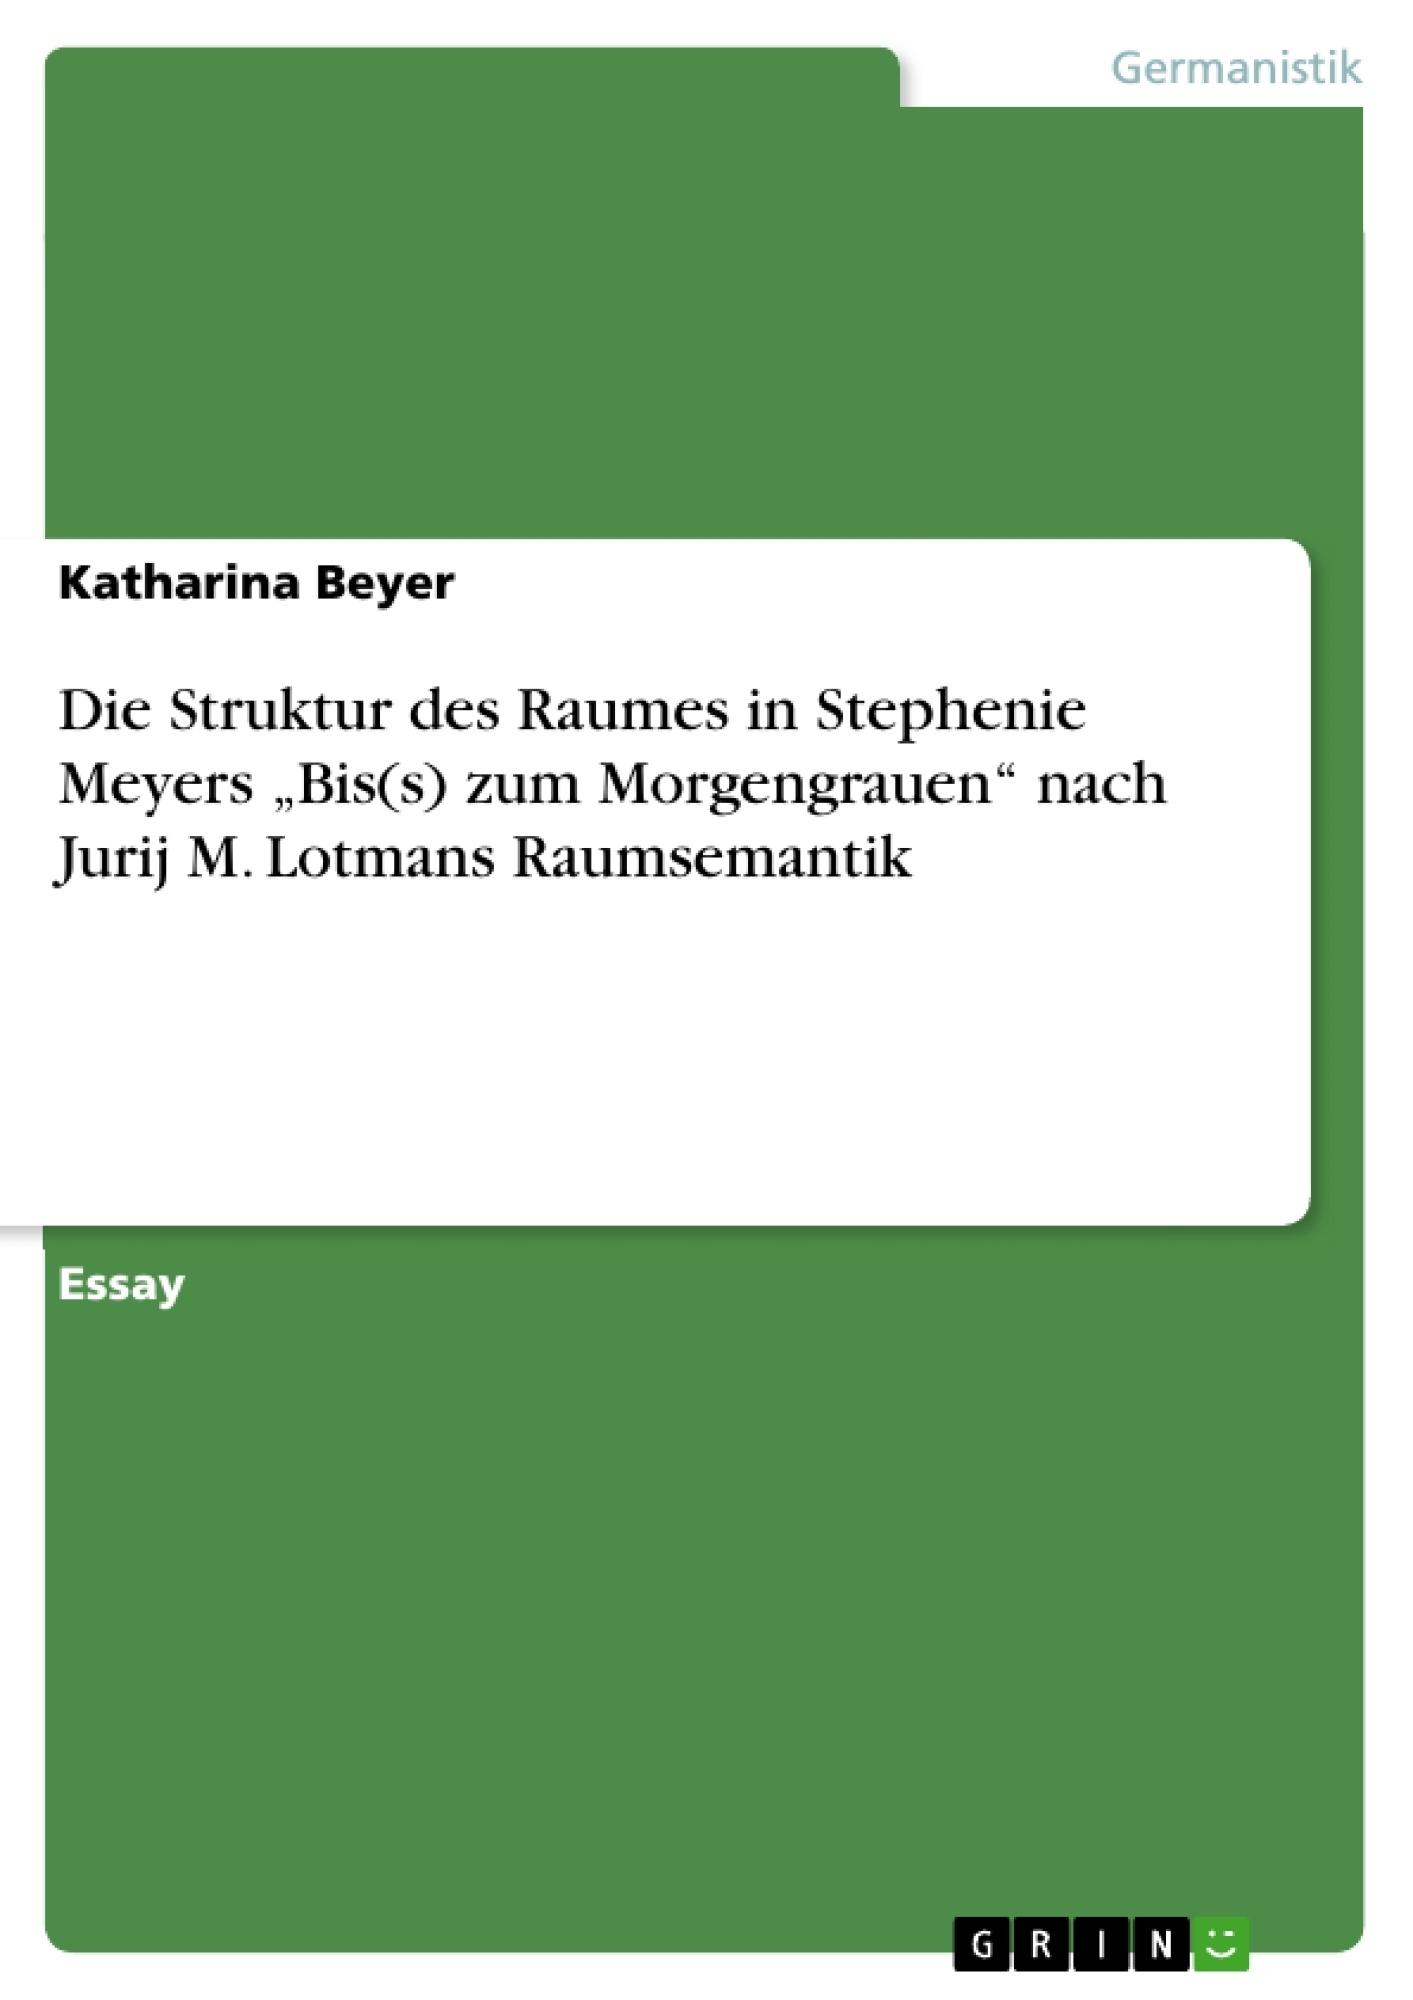 """Titel: Die Struktur des Raumes in Stephenie Meyers """"Bis(s) zum Morgengrauen"""" nach Jurij M. Lotmans Raumsemantik"""